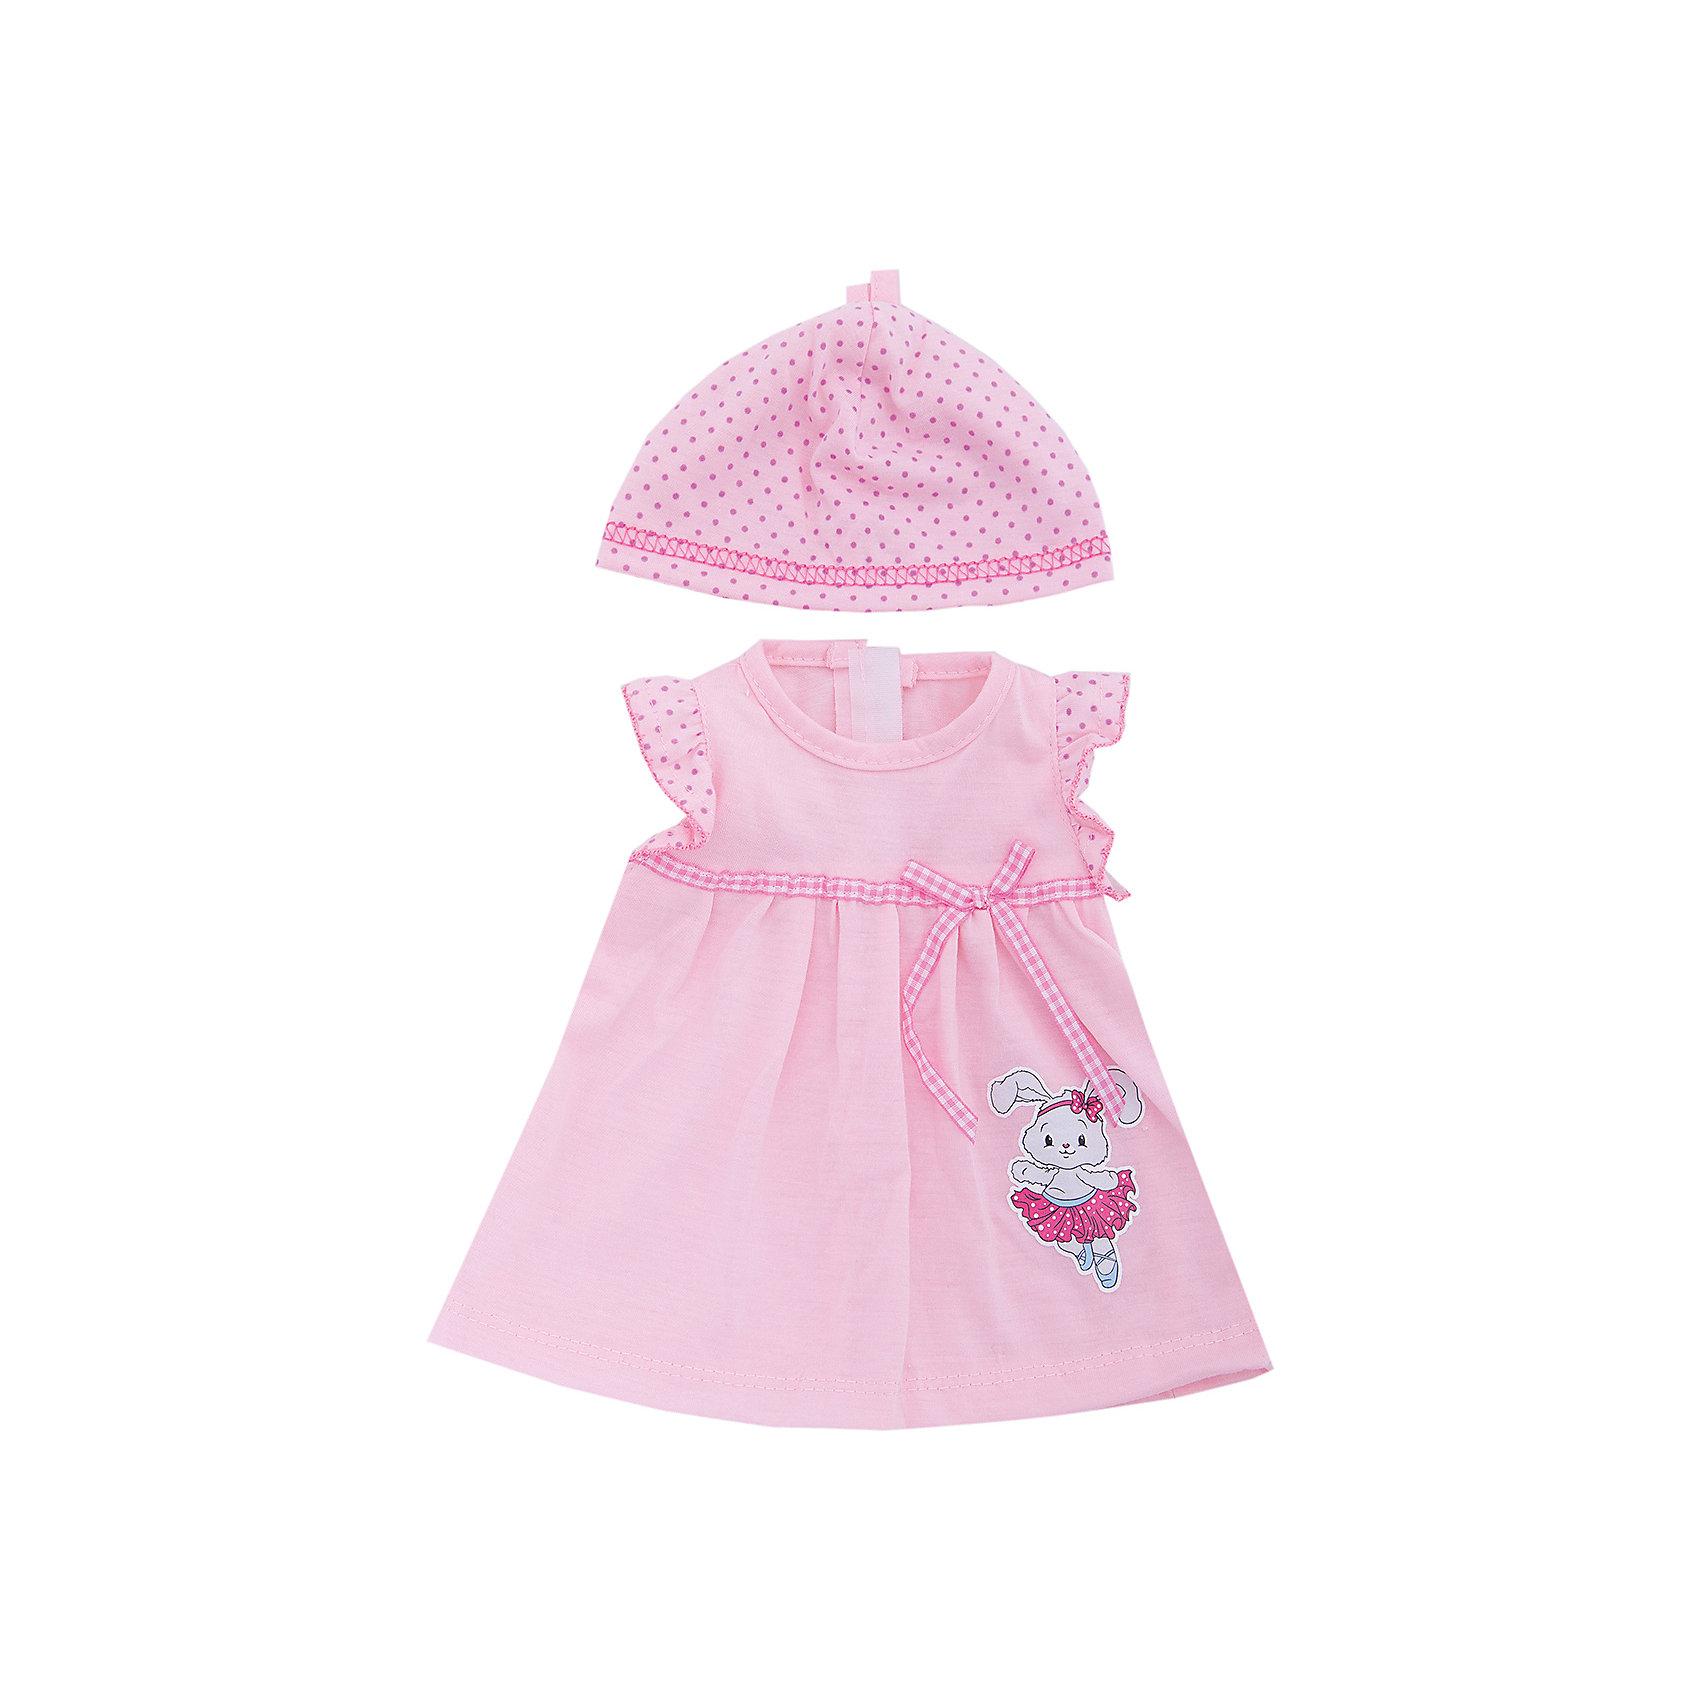 Одежда для куклы 42 см, платье с аксессуарами, Mary PoppinsОдежда для кукол<br>Одежда для куклы 42 см, платье с аксессуарами, Mary Poppins.<br><br>Характеристики:<br><br>• Комплектация: платье, шапочка, вешалка<br>• Высота куклы: 38-42 см.<br>• Материал: текстиль<br>• Цвет: розовый<br>• Упаковка: пакет<br>• Уход: стирка в стиральной машине при температуре 30 ?С<br><br>Куклы тоже любят менять наряды! И для них создается стильная и модная одежда, похожая на одежду для настоящих малышей. Эти платье и шапочка нежно-розового цвета из эксклюзивной коллекции Зайка ТМ Mary Poppins пополнят гардероб куклы высотой 38-42 см. Несмотря на свой достаточно простой фасон, платье выглядит очень нарядно. Его украшает узкий клетчатый поясок с бантом и изображение в виде зайчонка в балетной пачке. А милая шапочка в горошек красиво дополнит образ куклы. Наряд для куклы изготовлен из приятной на ощупь ткани, благодаря липучкам платье легко снимать и одевать.<br><br>Одежду для куклы 42 см, платье с аксессуарами, Mary Poppins можно купить в нашем интернет-магазине.<br><br>Ширина мм: 220<br>Глубина мм: 330<br>Высота мм: 10<br>Вес г: 88<br>Возраст от месяцев: 24<br>Возраст до месяцев: 2147483647<br>Пол: Женский<br>Возраст: Детский<br>SKU: 5402770